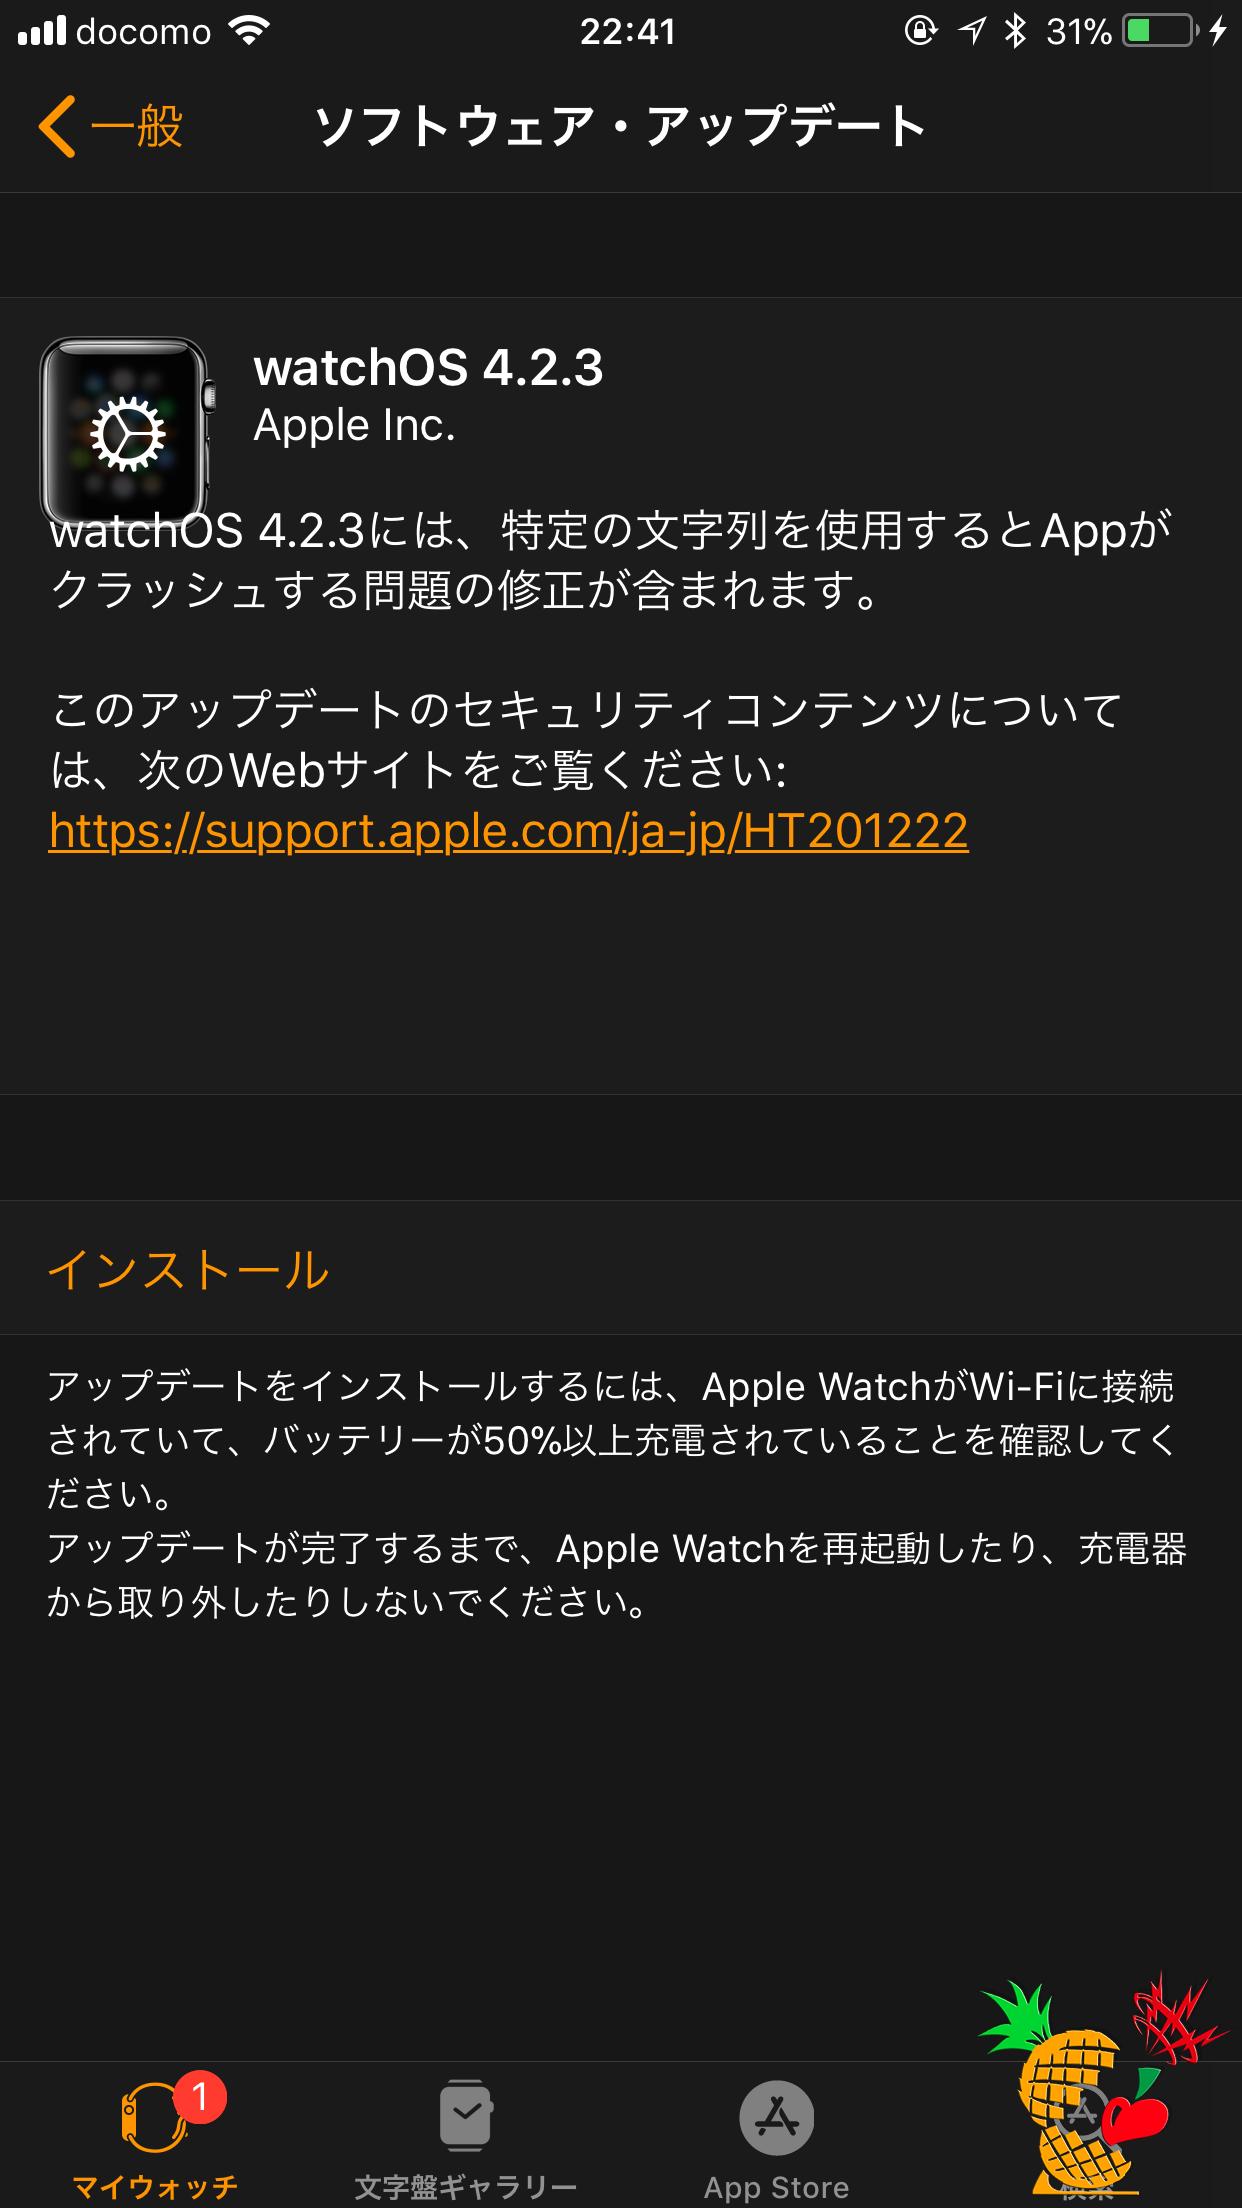 watchOS 4.2.3